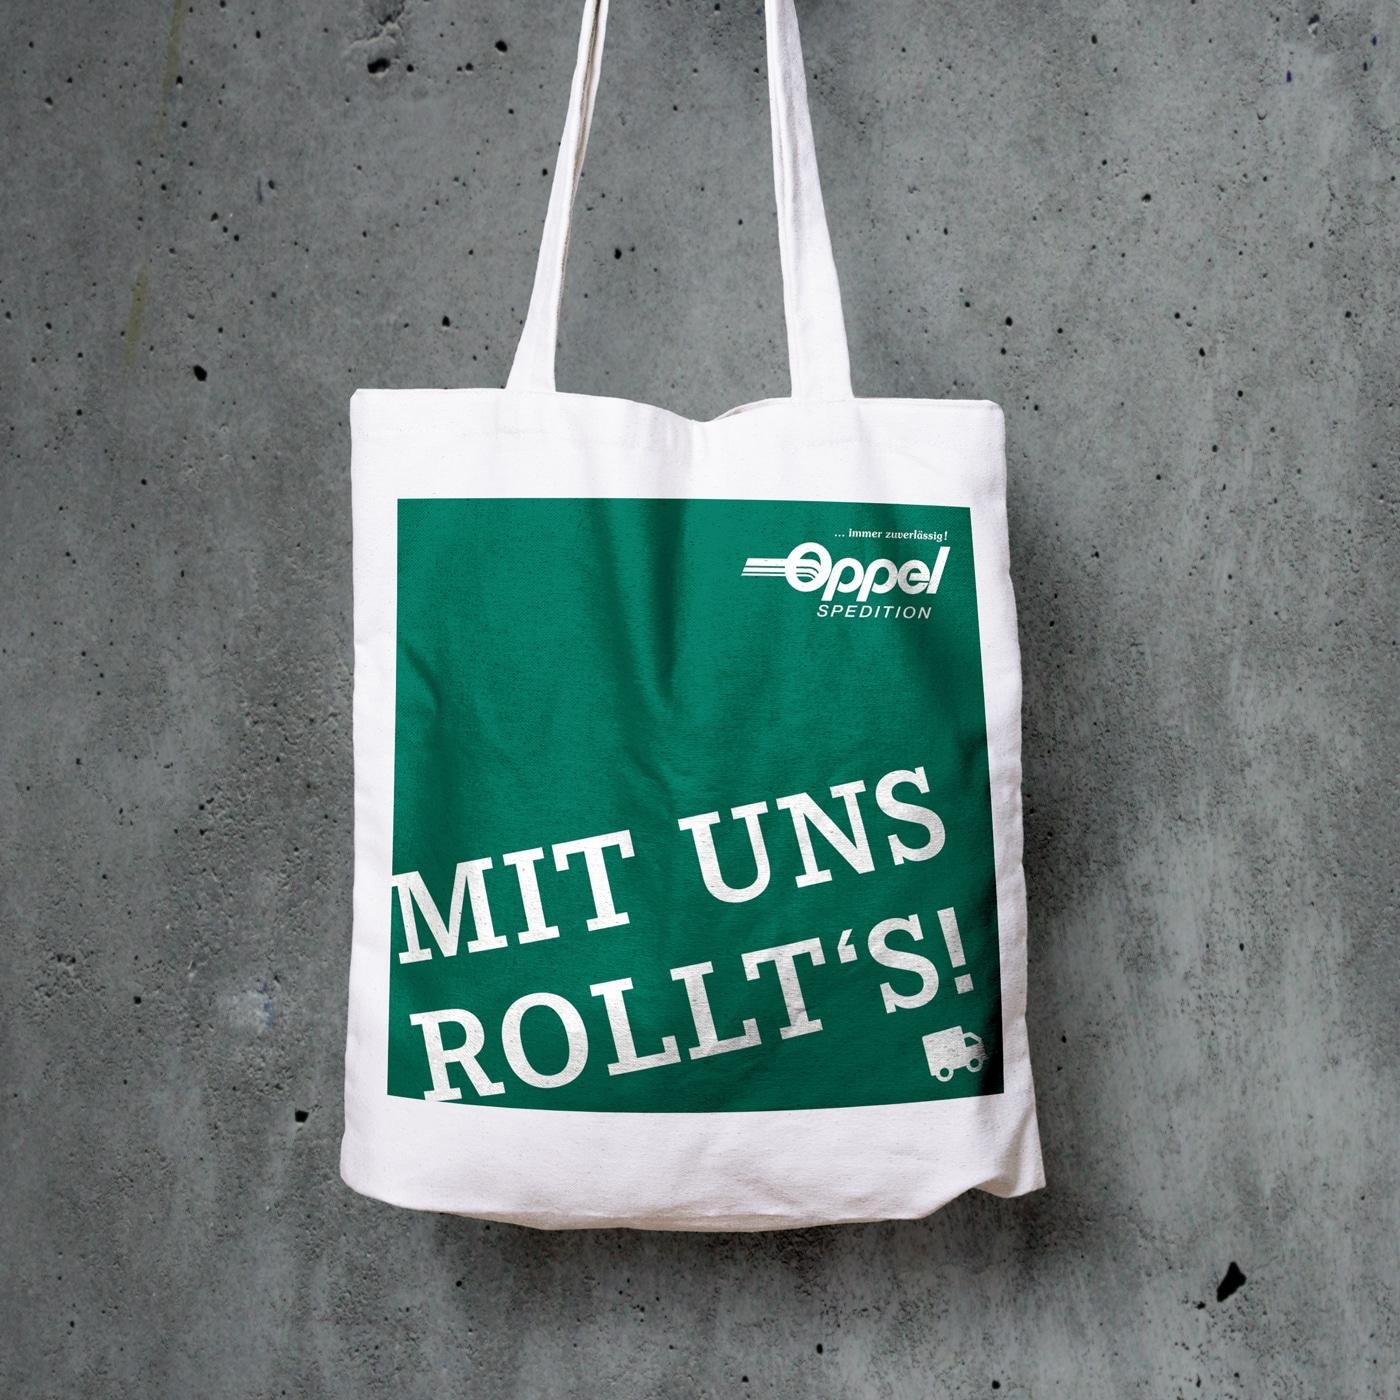 Gestaltung Spedition Oppel Tasche